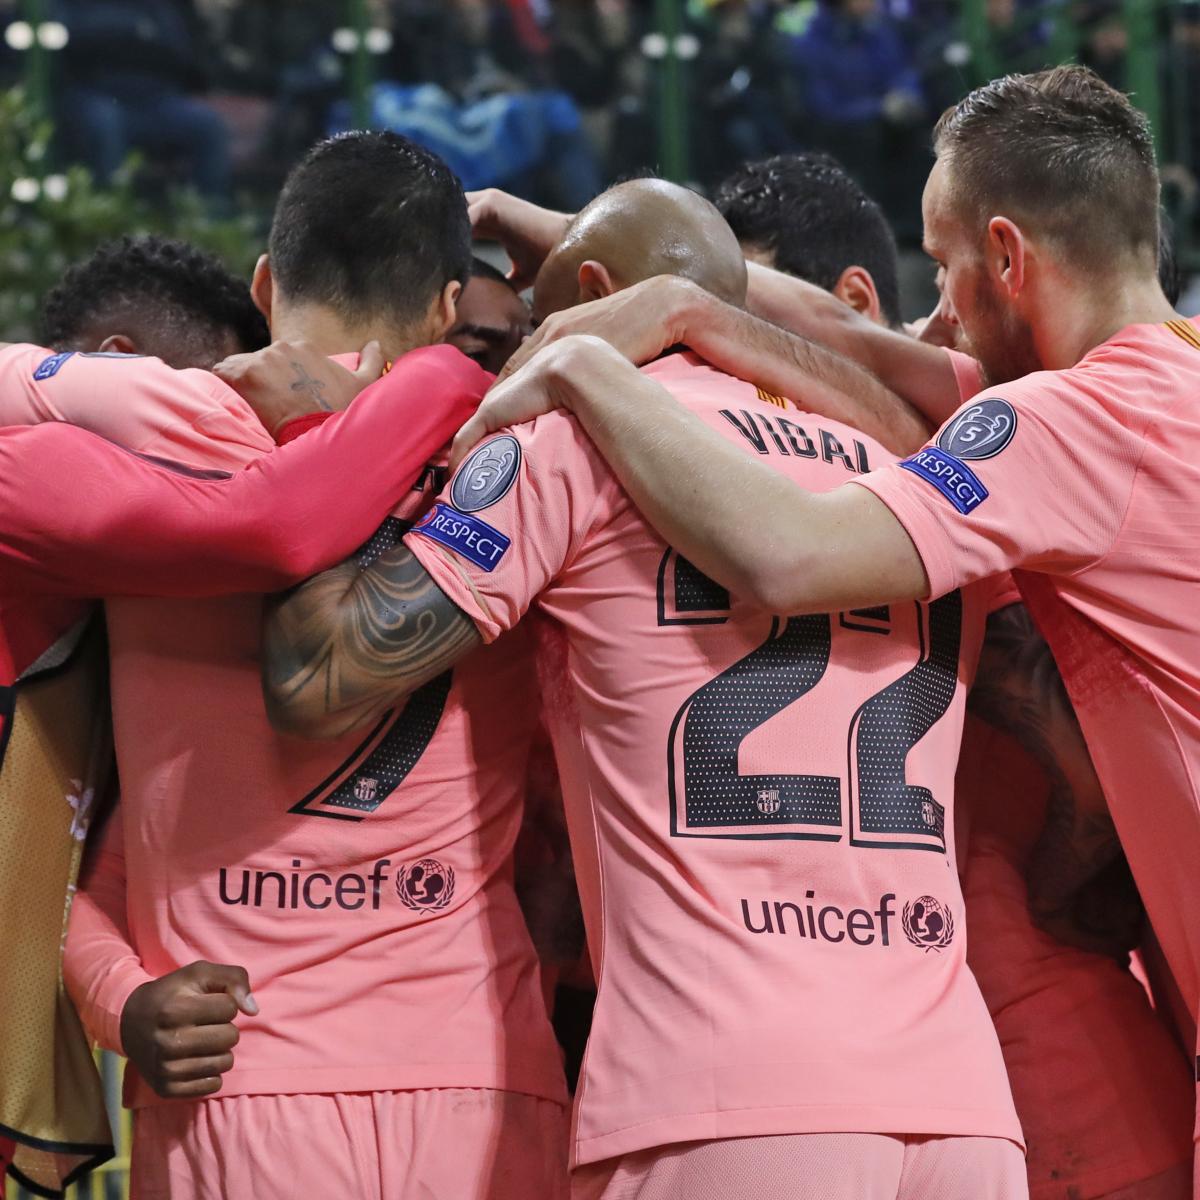 Celta Vigo Vs Barcelona Predictions Today: Barcelona Vs. Real Betis: Odds, Preview, Live Stream, TV